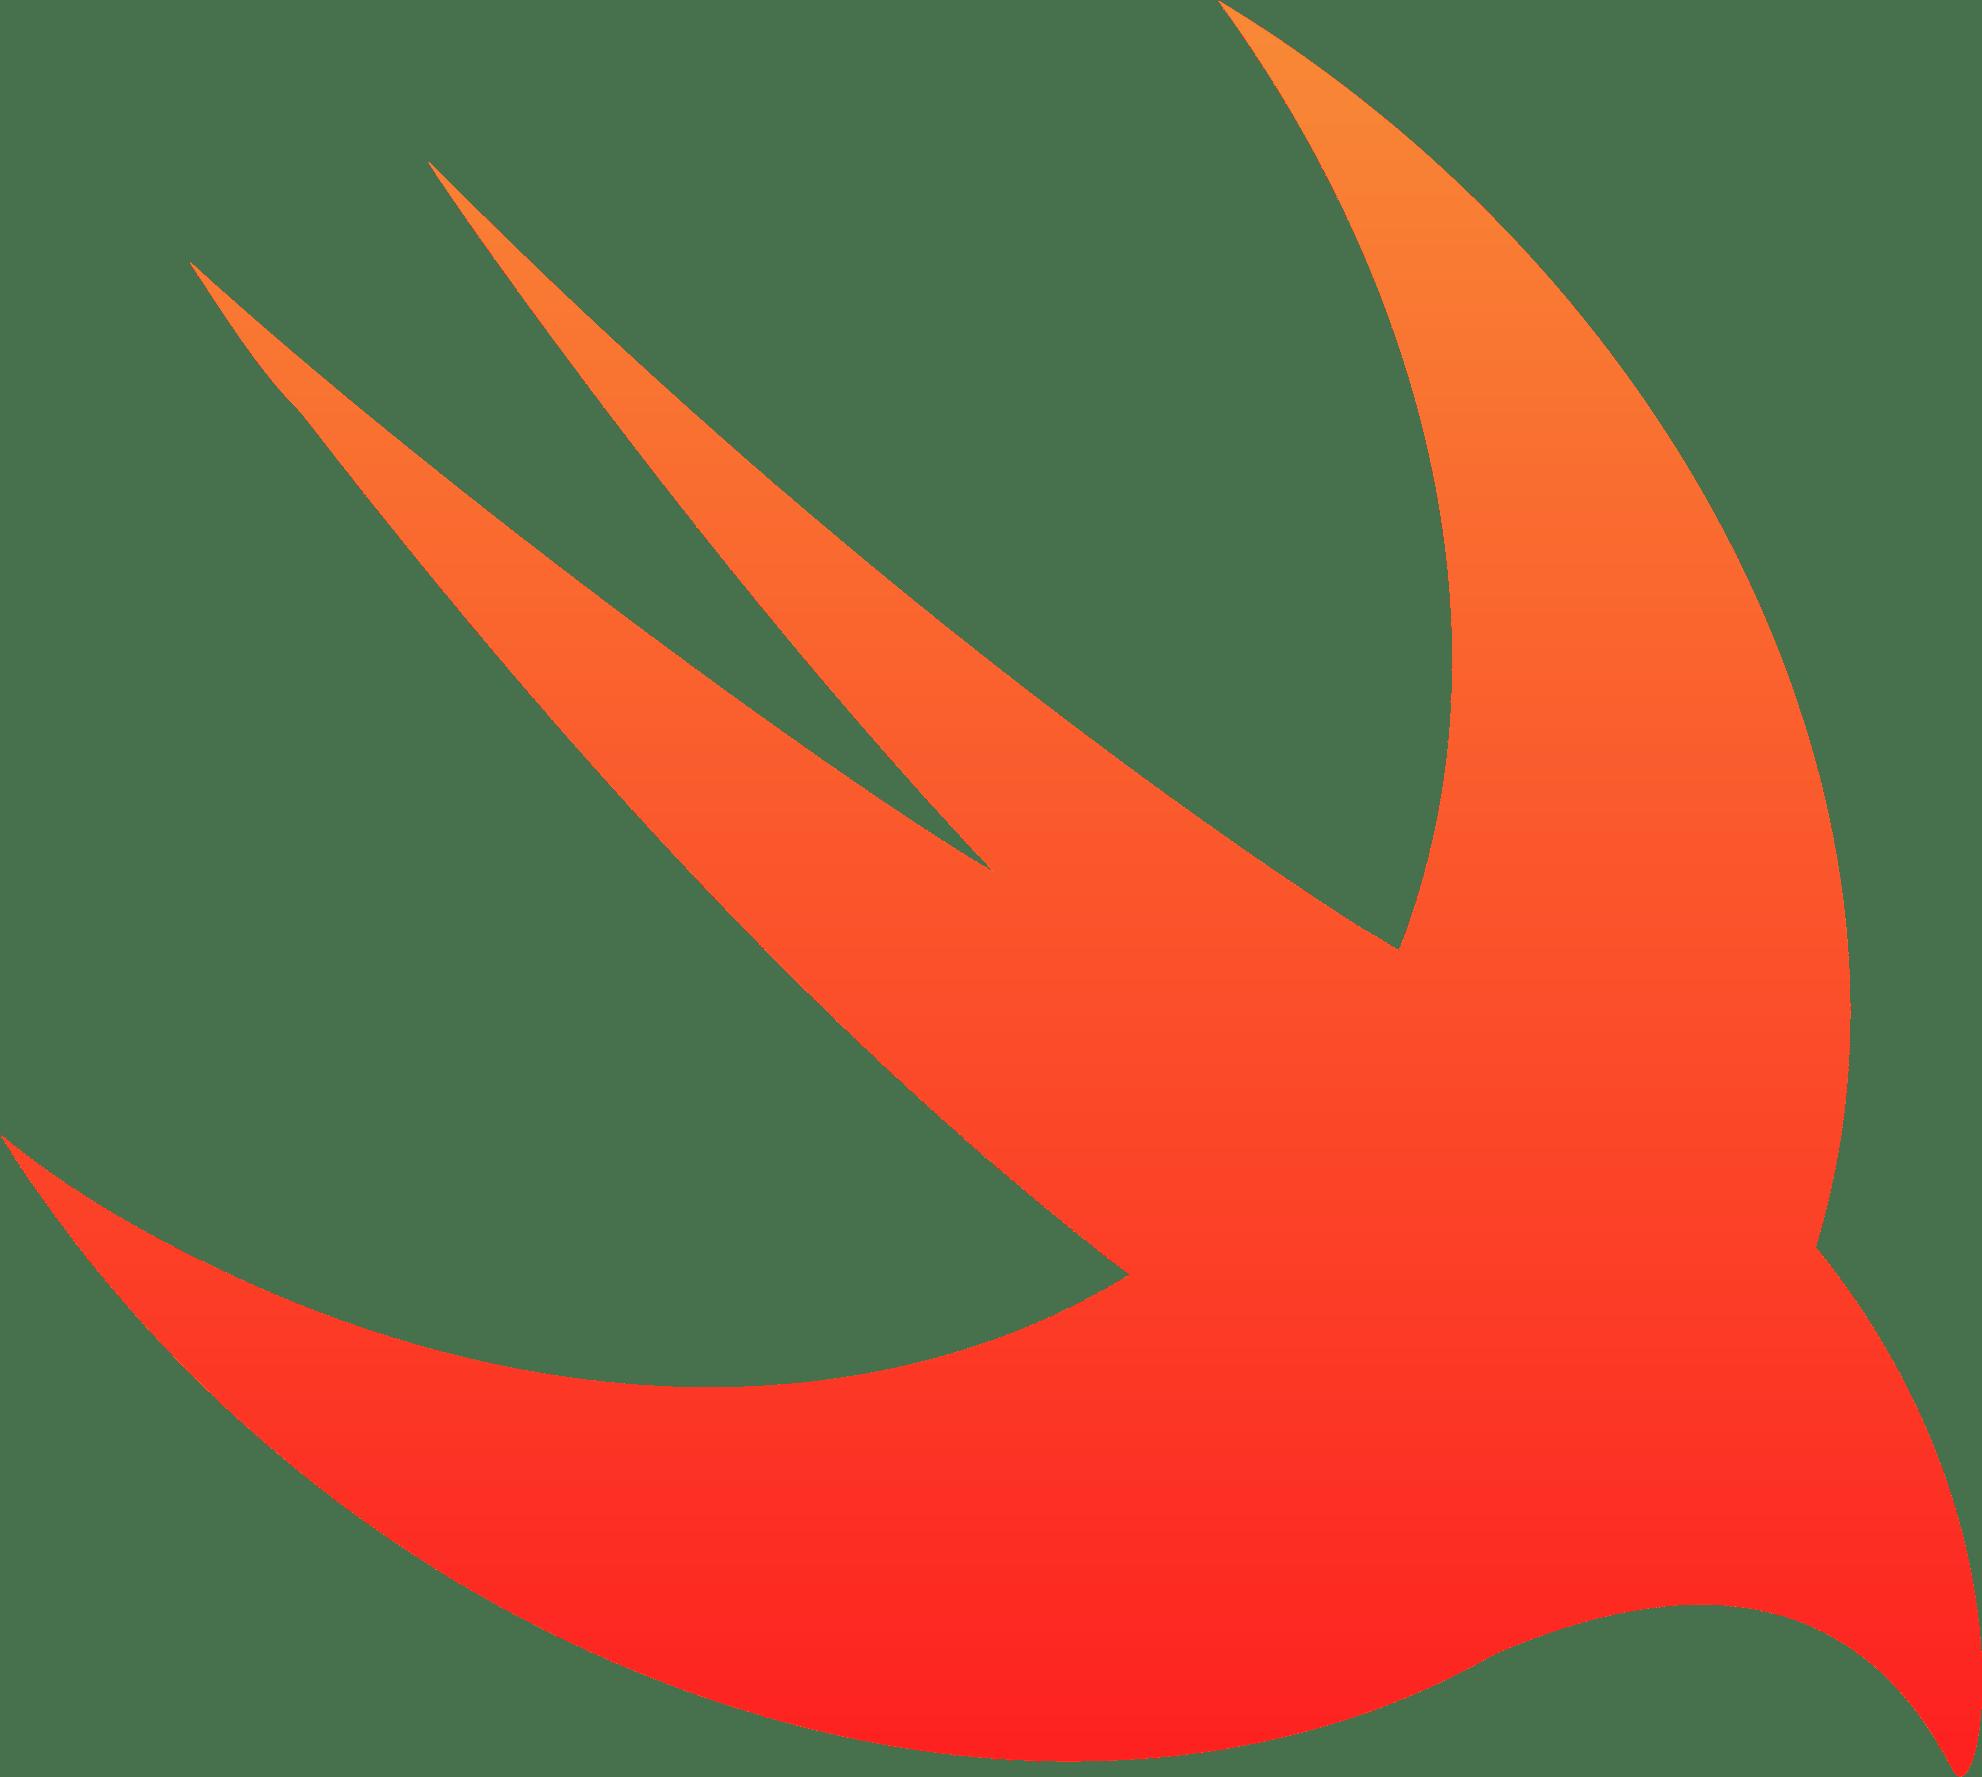 Swift technology